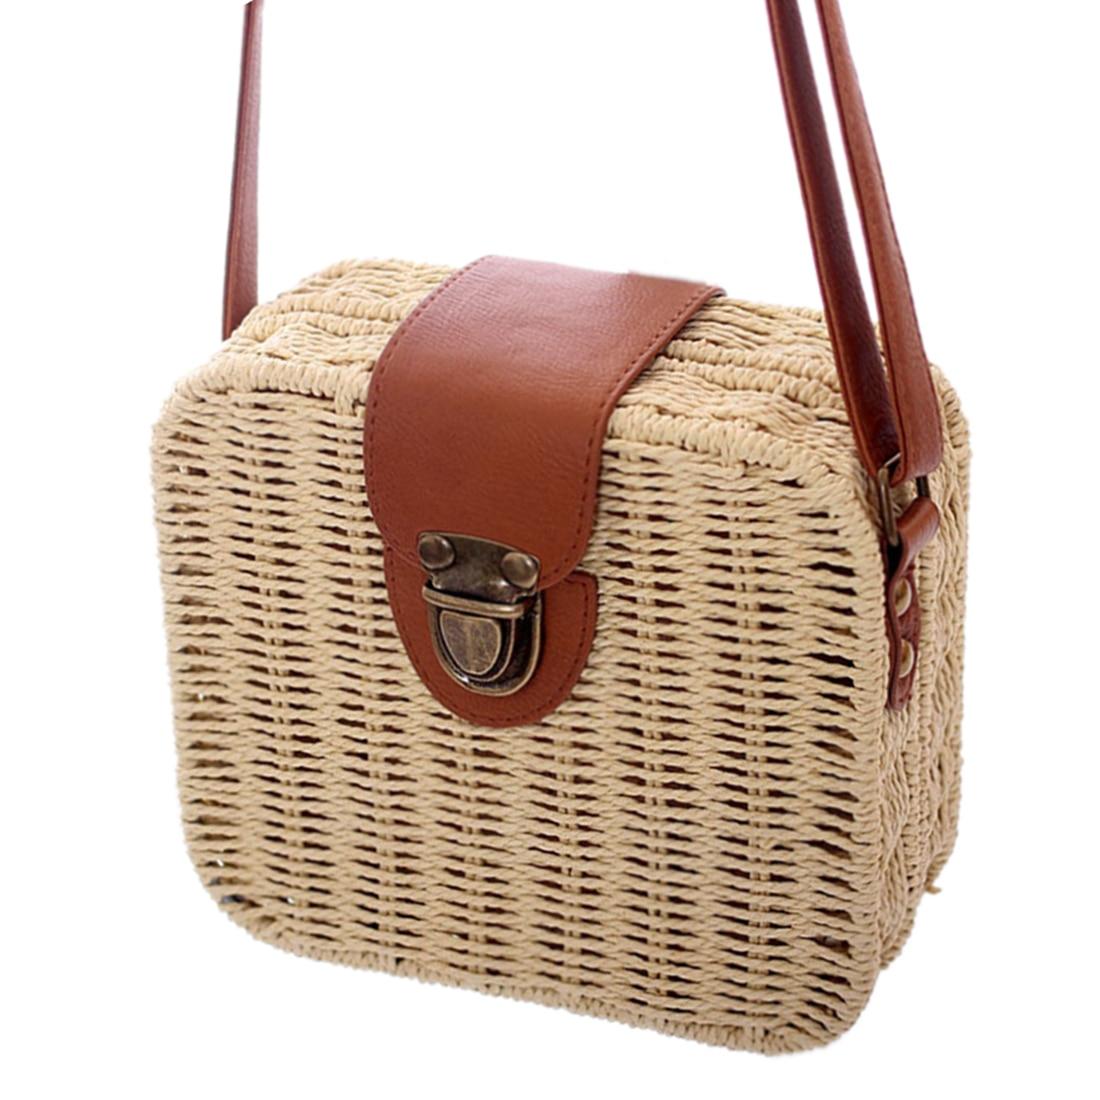 Aresland Women Bag Candy Color Square Straw Bag Small Single-Shoulder Bags Crossbody Women Handbag Beach Bolsas